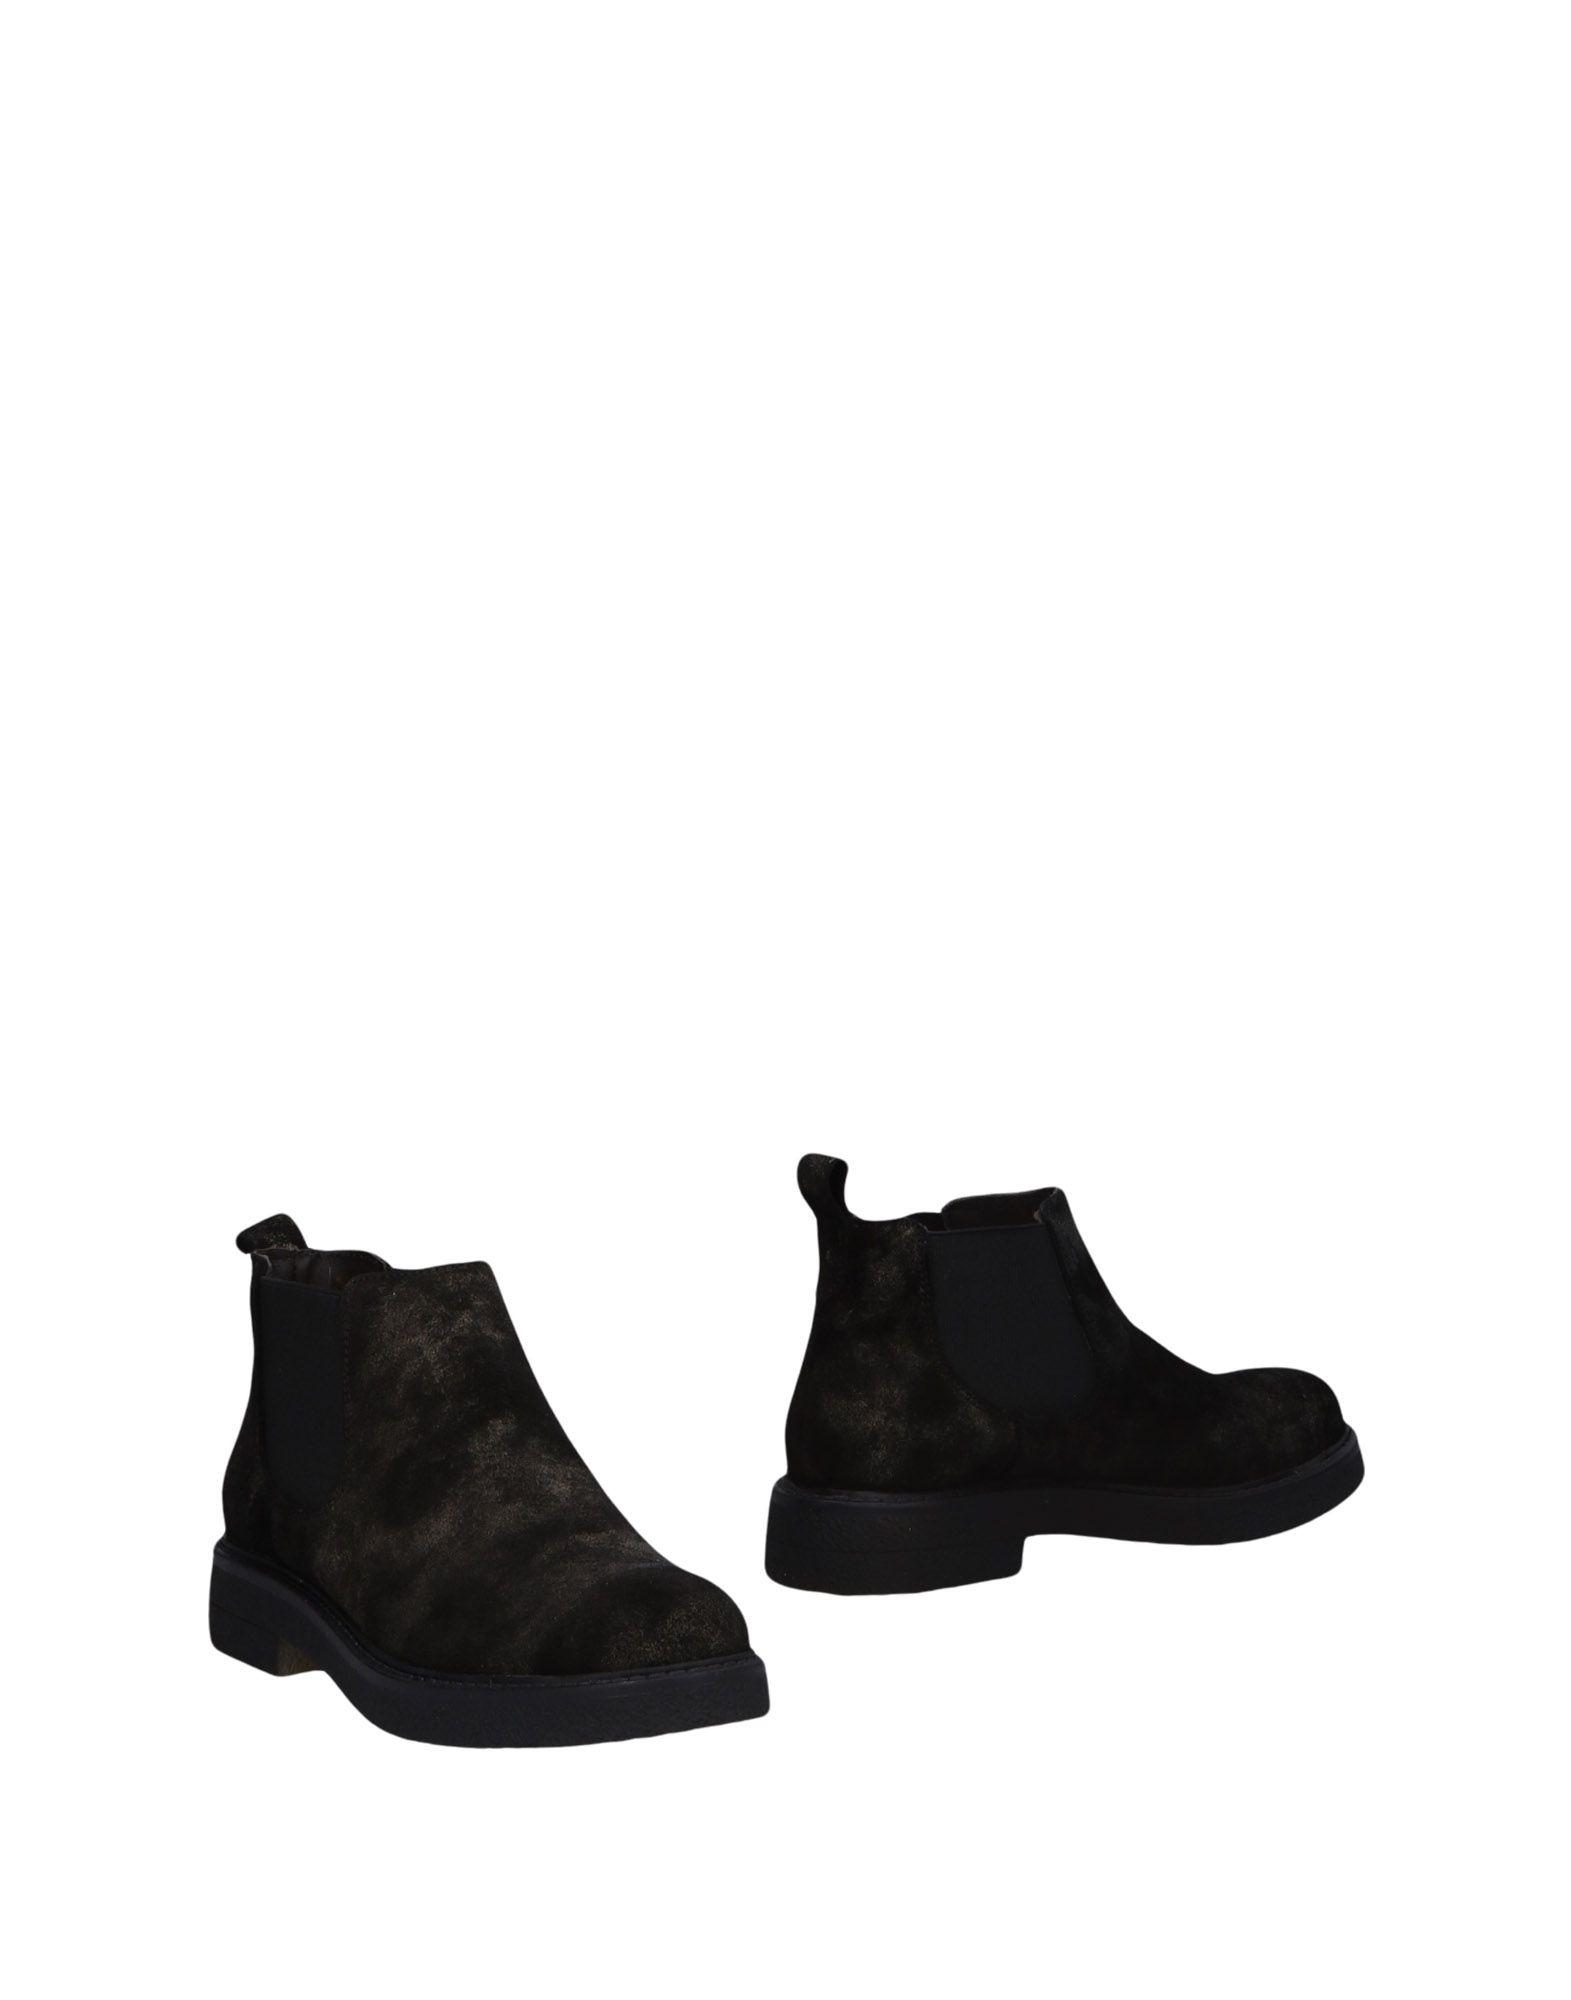 Bottillons Cafènoir Femme - Bottillons Cafènoir Anthracite Nouvelles chaussures pour hommes et femmes, remise limitée dans le temps